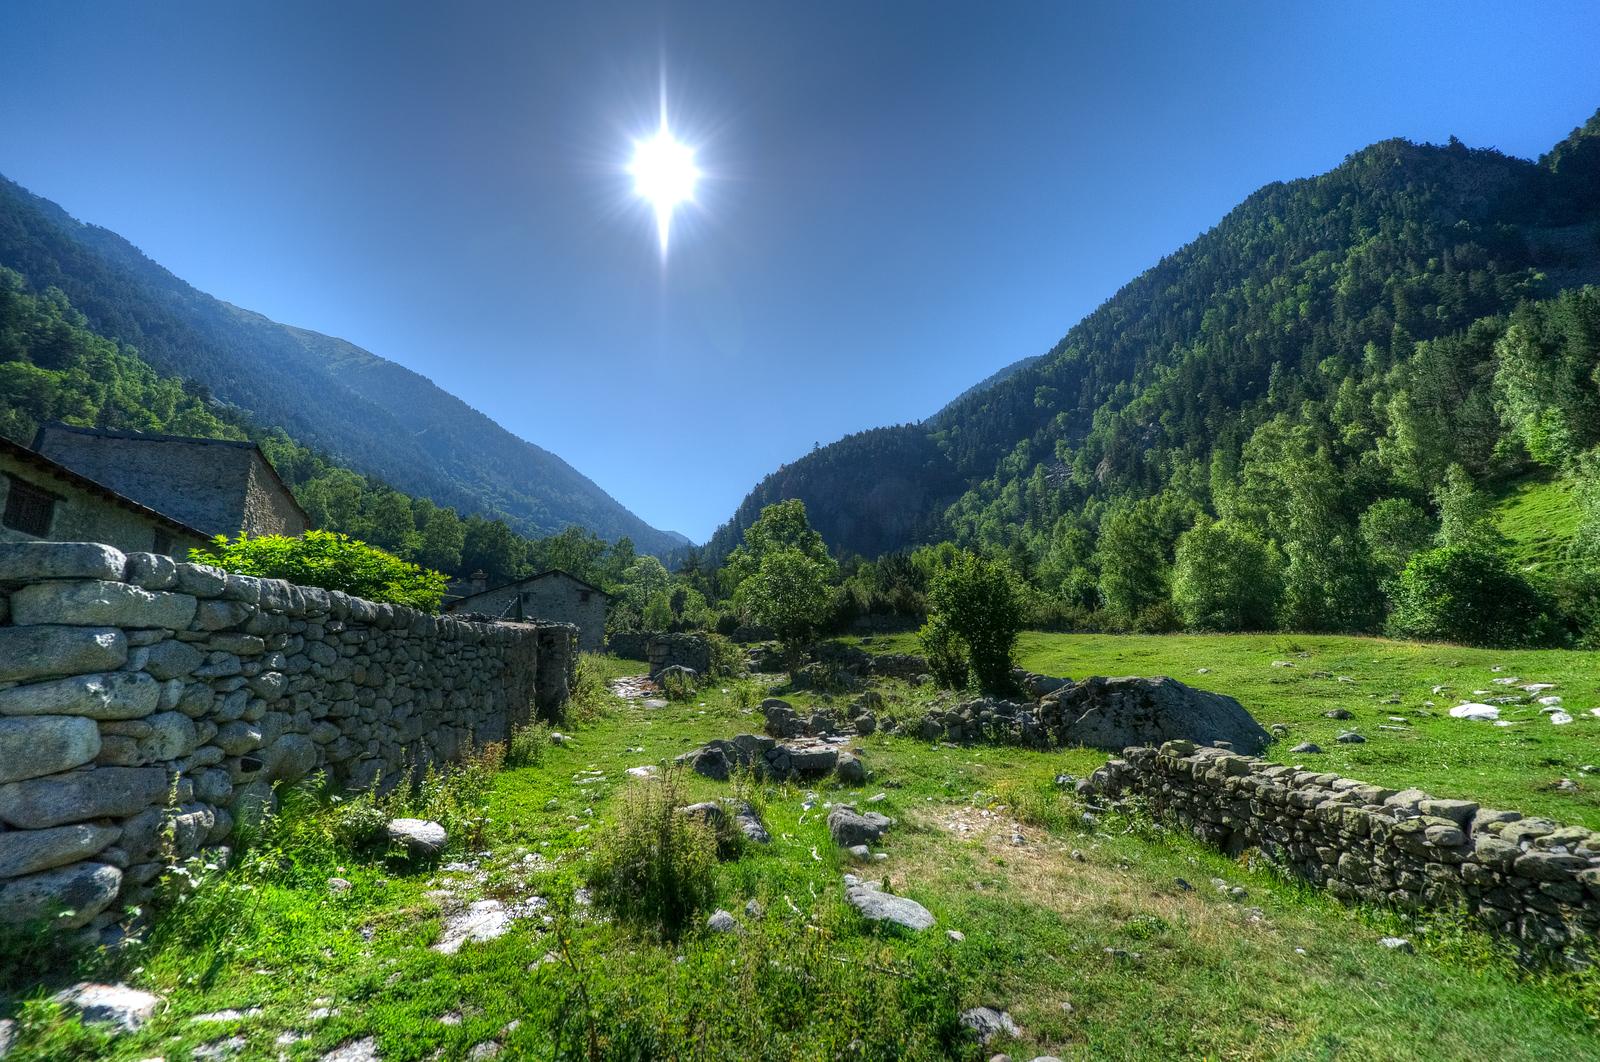 Madriu-Perafita-Claror Valley UNESCO World Heritage Site, Andorra